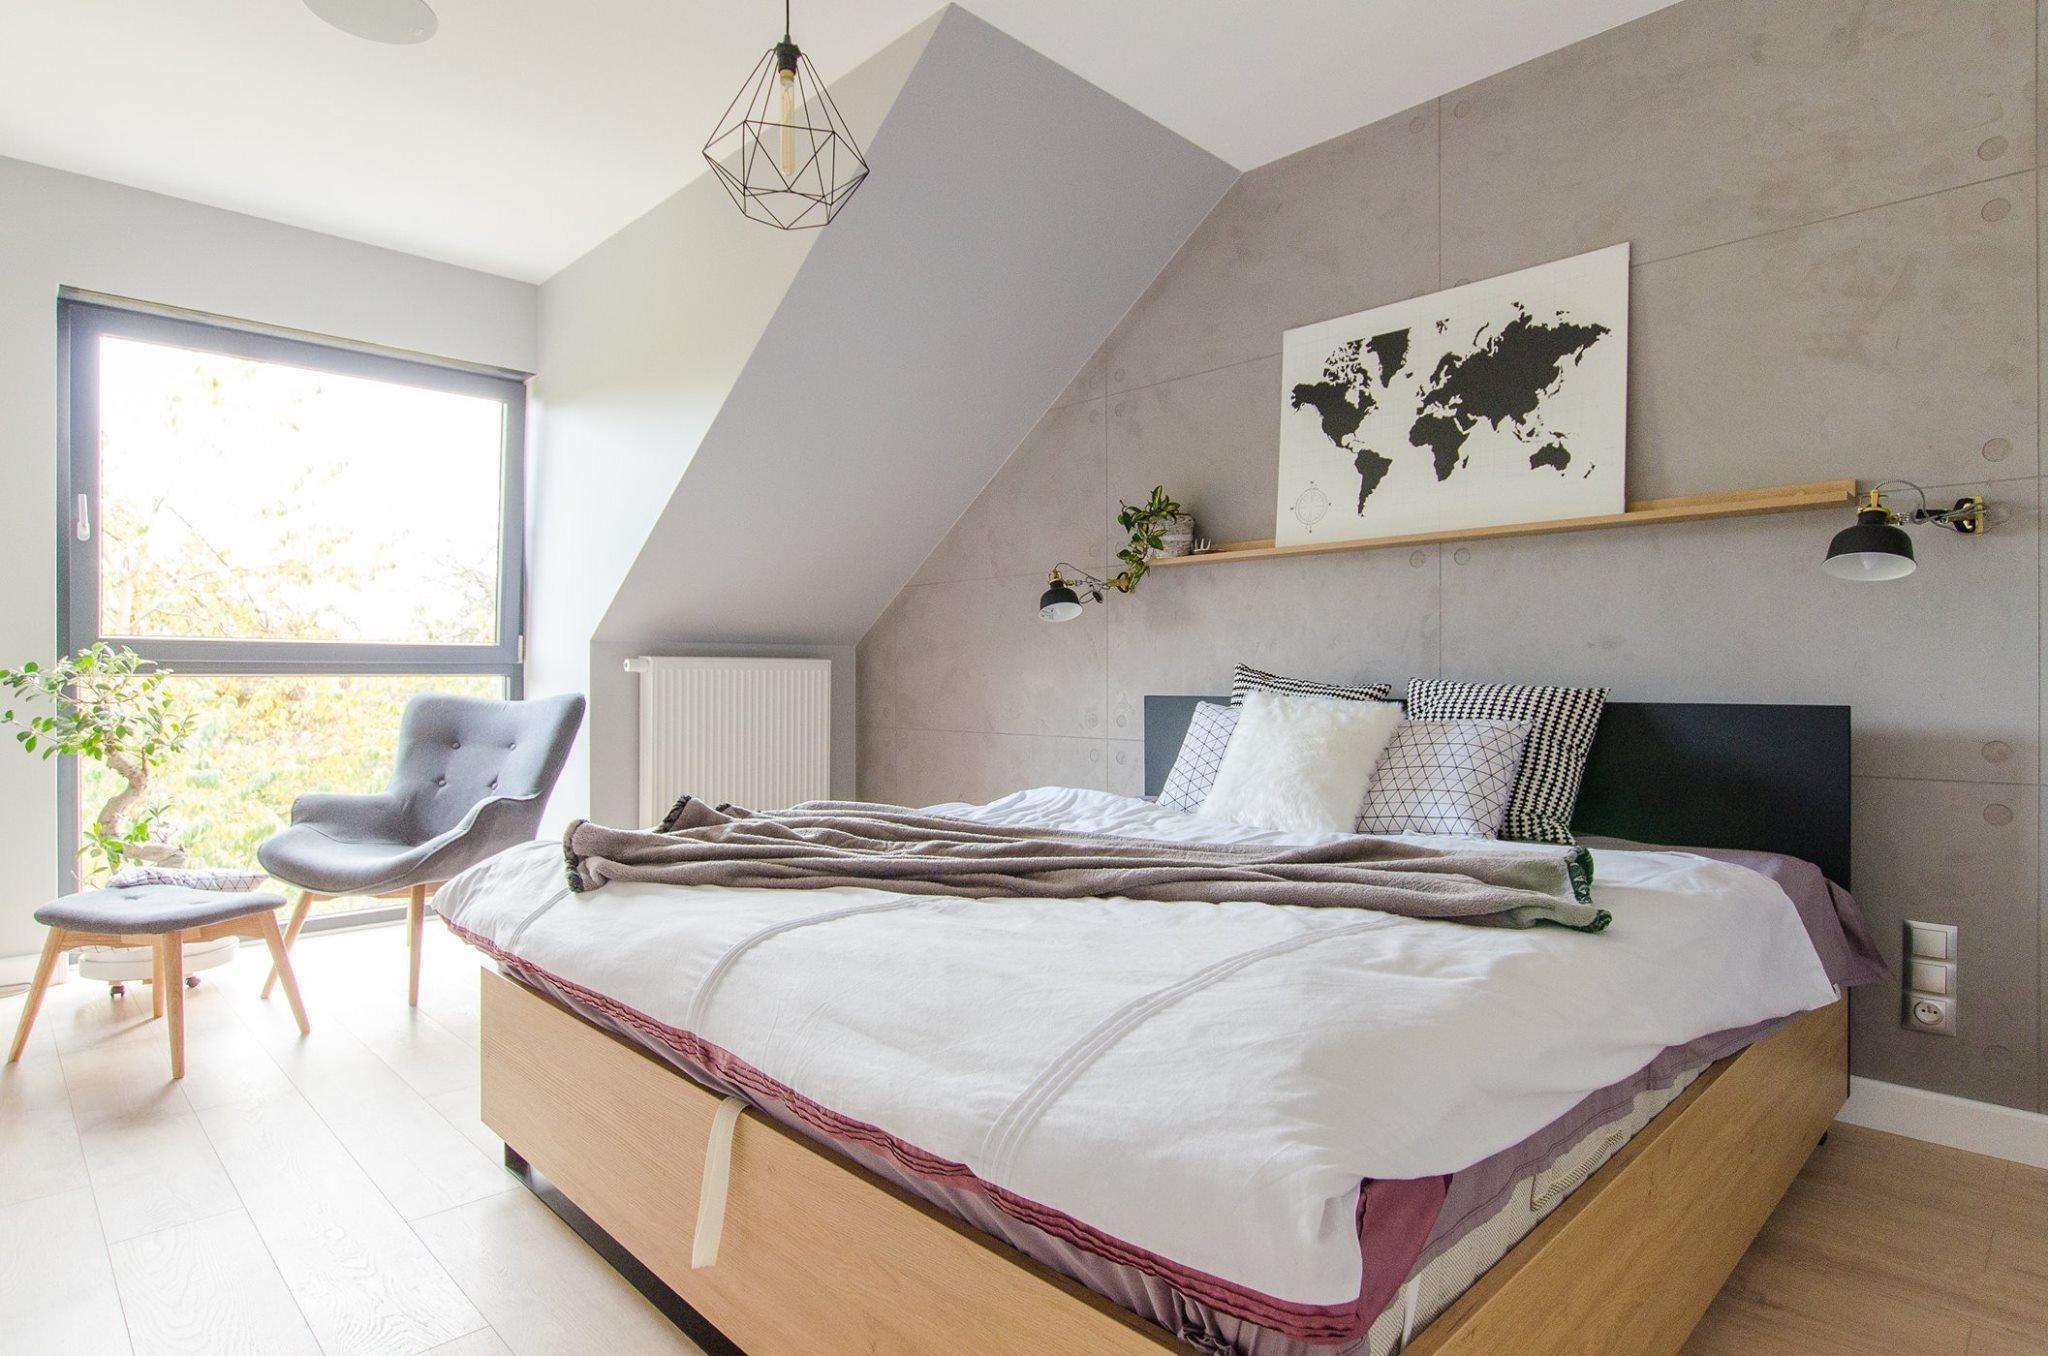 Snadno rozpoznatelné a stále populárnější je bydlení ve skandinávském stylu. Získává si stále více příznivců i v našich krajínách. A není divu. Čistý a svěží design, neutrální bílá a masivní dřevo. To jsou jedny z mála charakteristik tohoto oblíbeného stylu. Pojďme se dnes podívat na jednu realizaci bydlení v severském duchu.